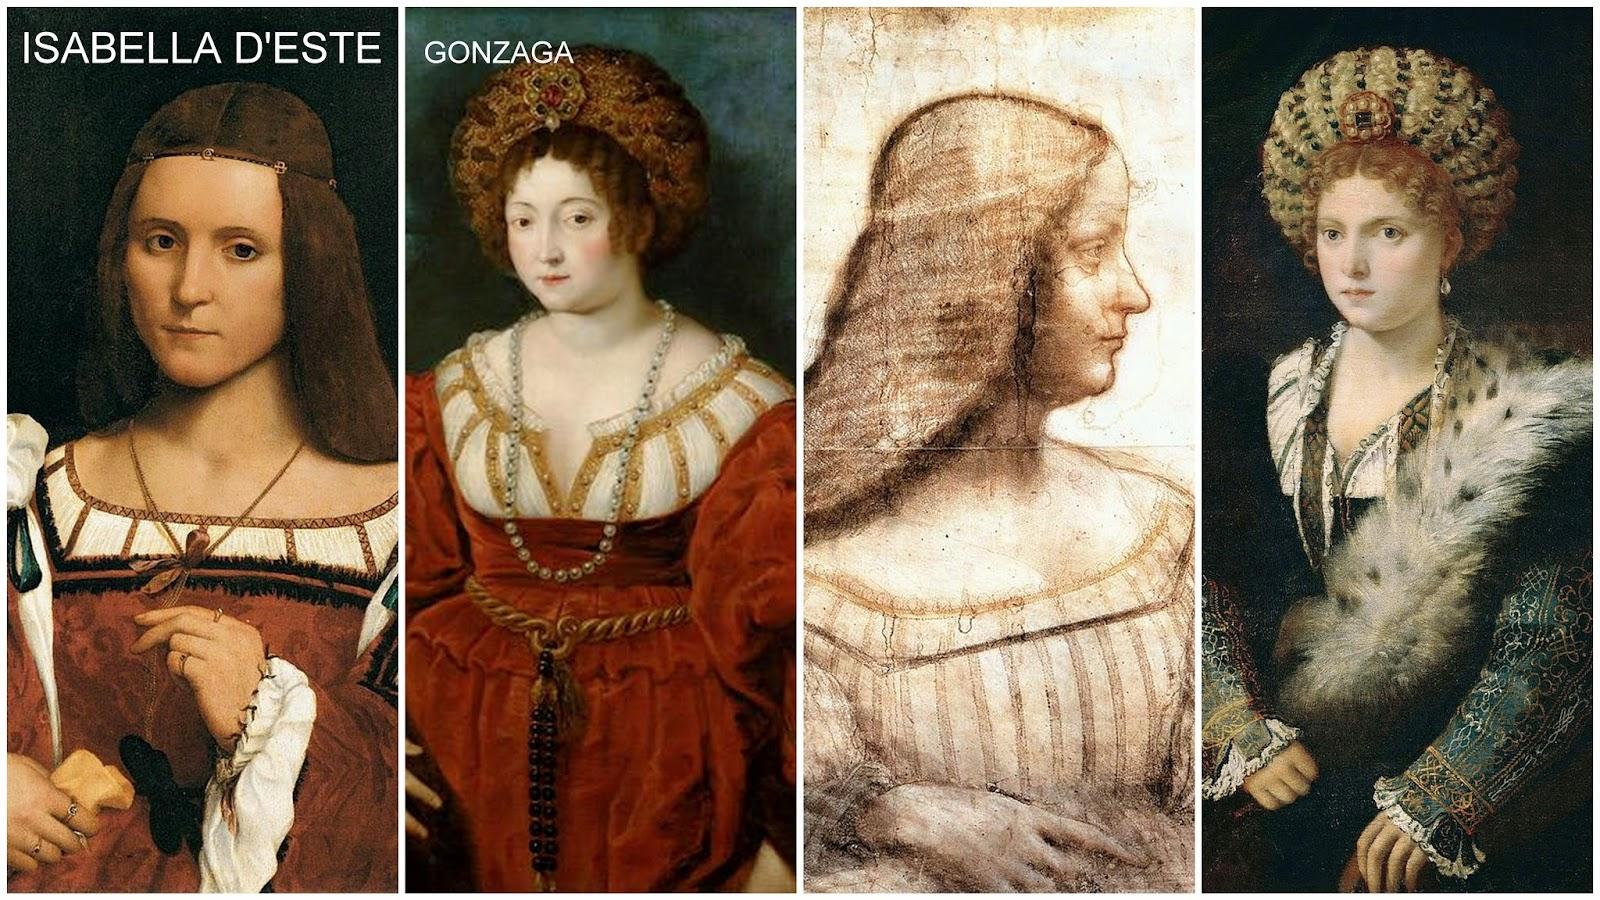 Isabella d'Este Gonzaga